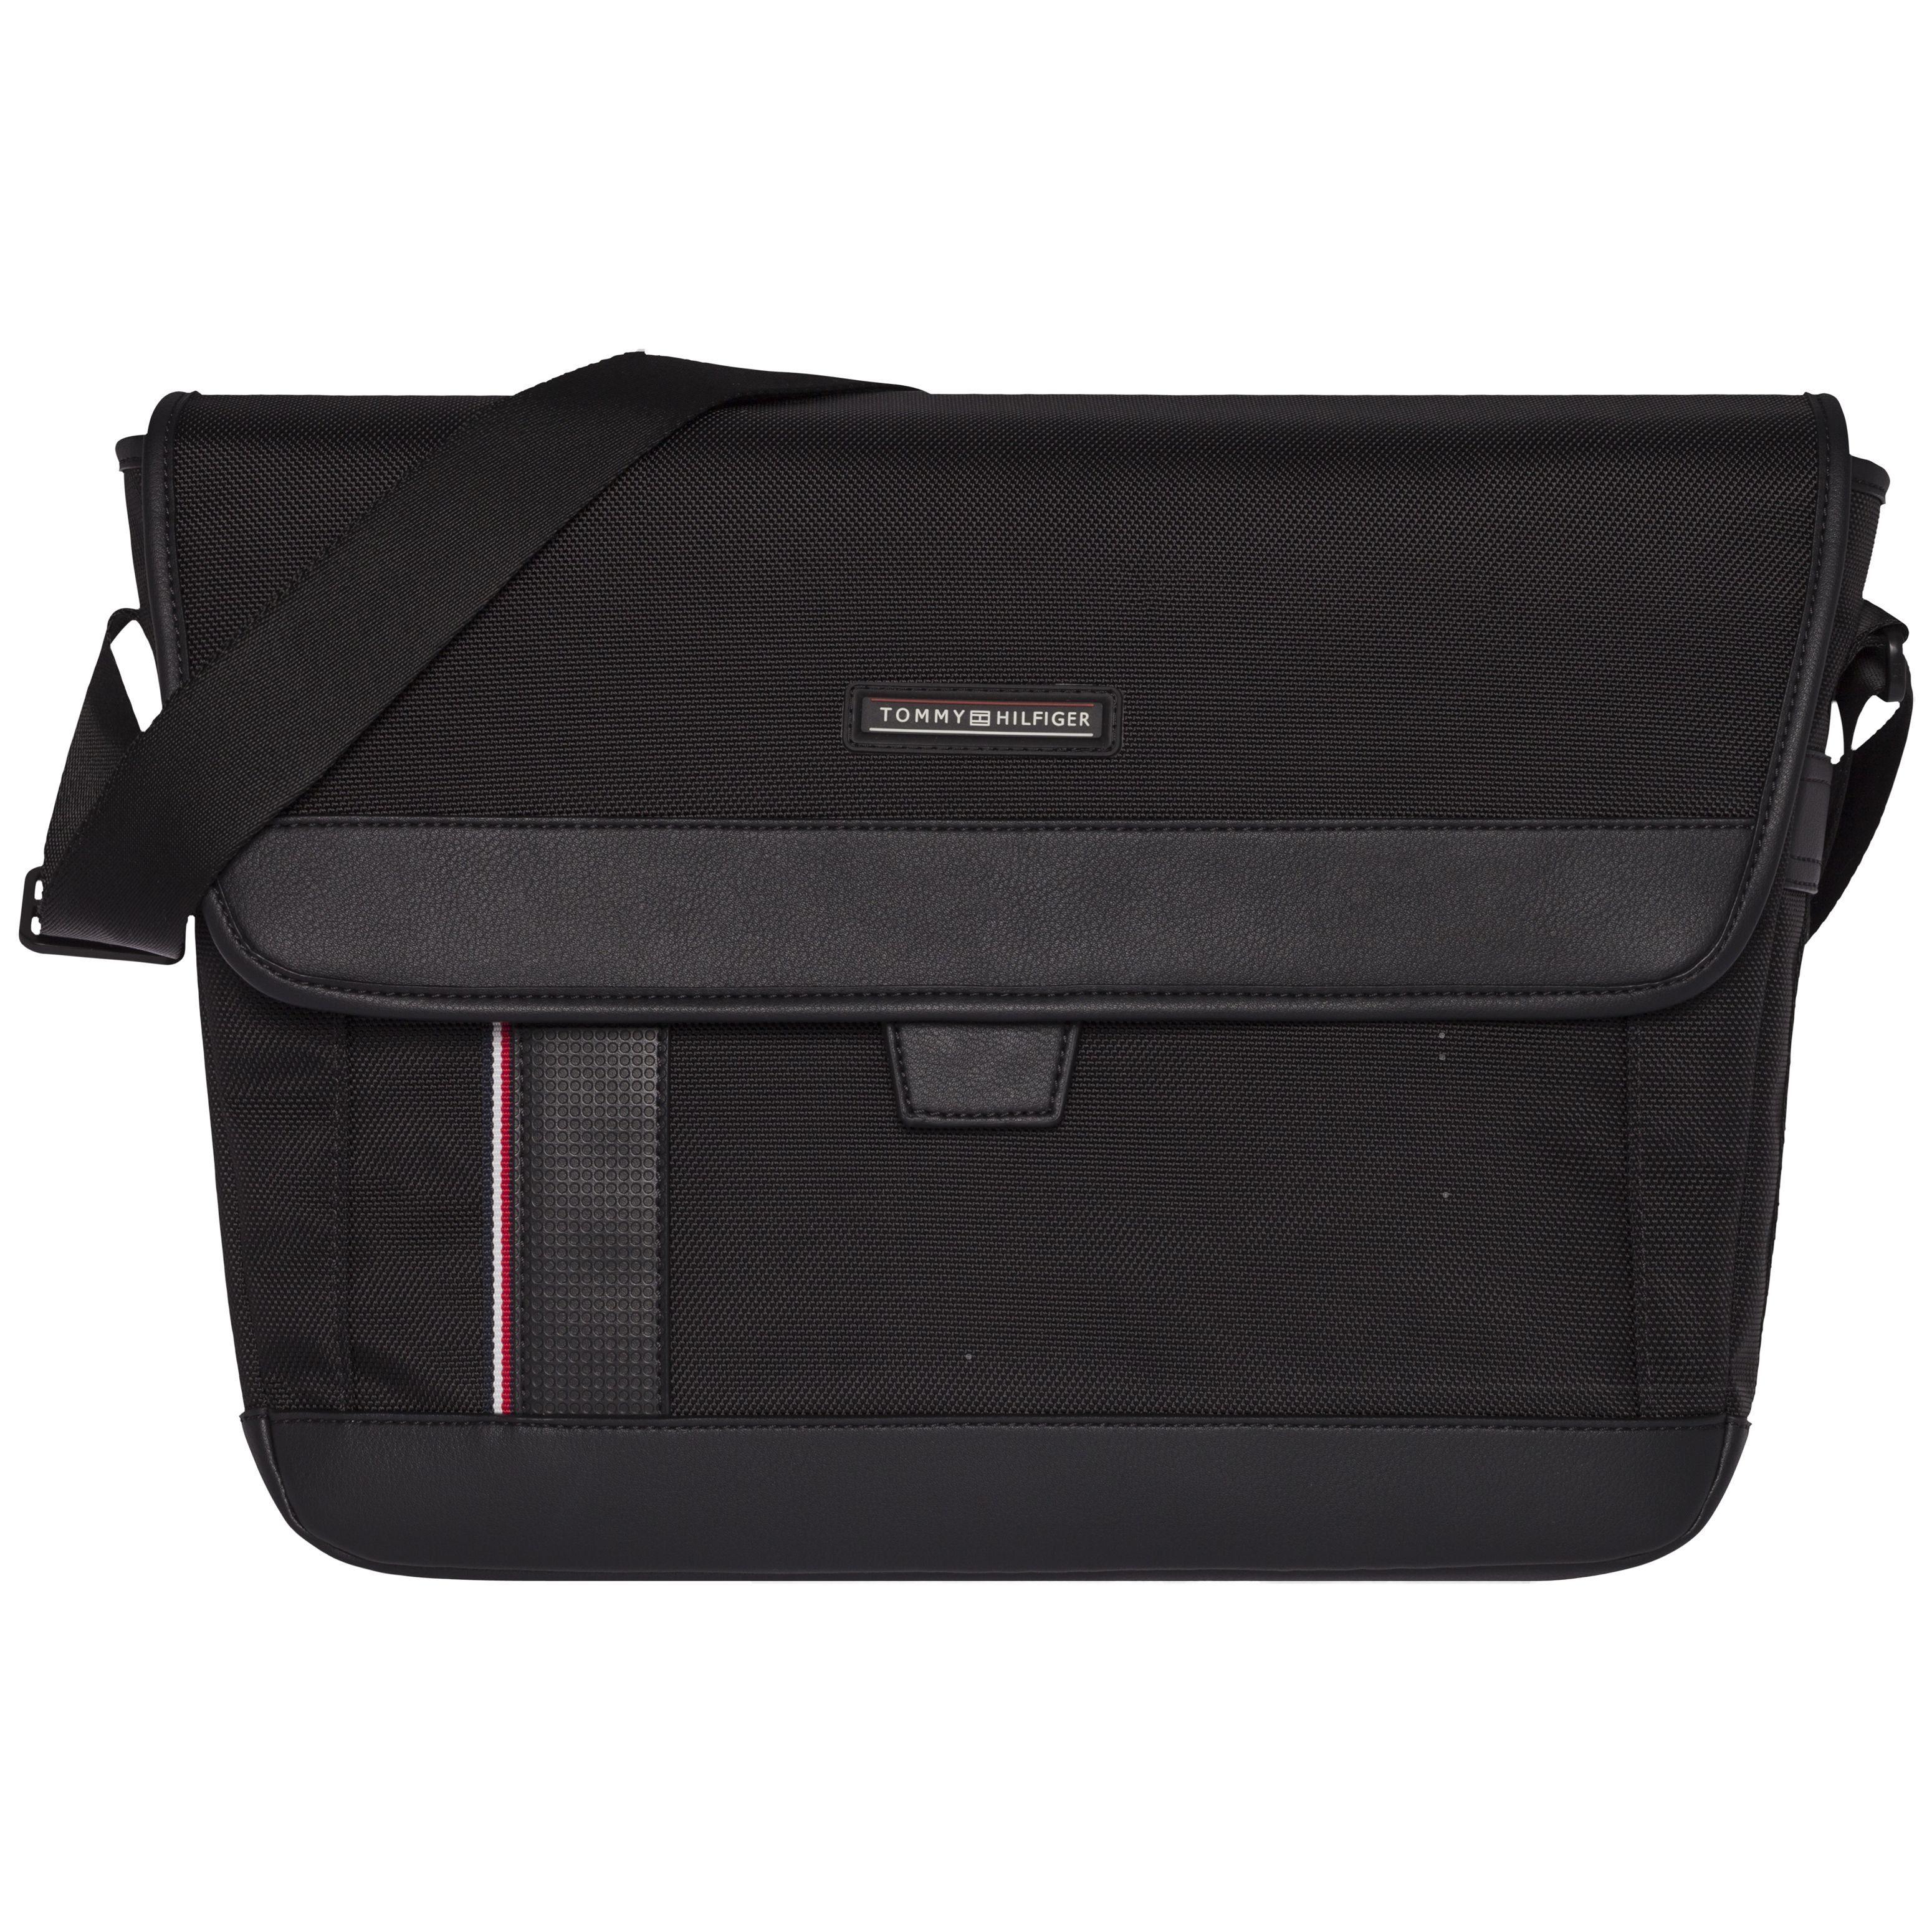 Tommy Hilfiger Handtasche »INTERURBAN MESSENGER W/FLAP«